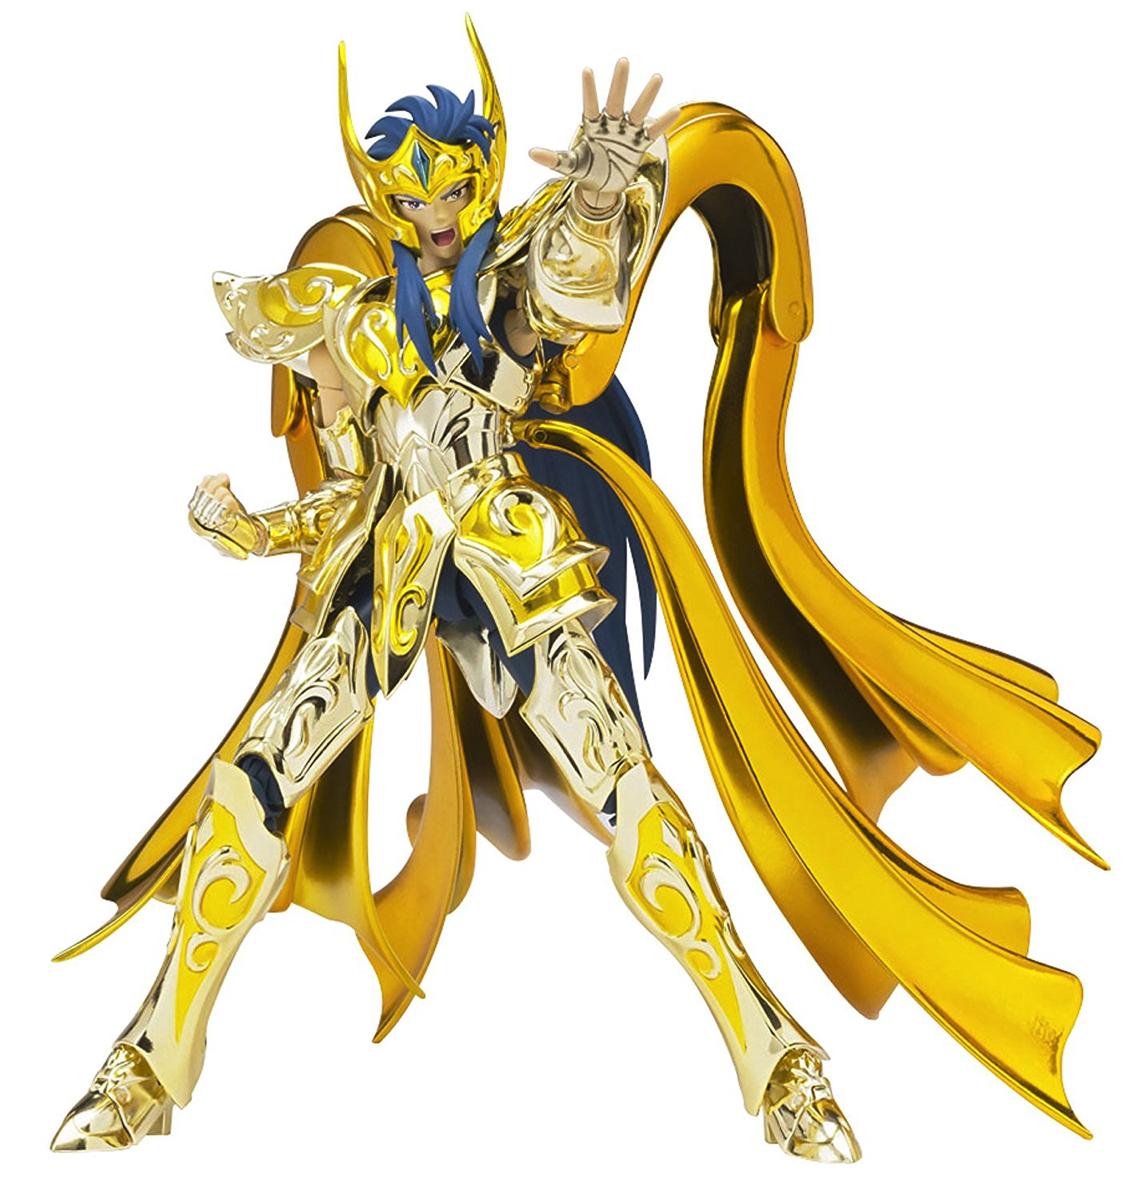 聖闘士聖衣神話ex アクエリアス フラットヘッド オンライン カミュ